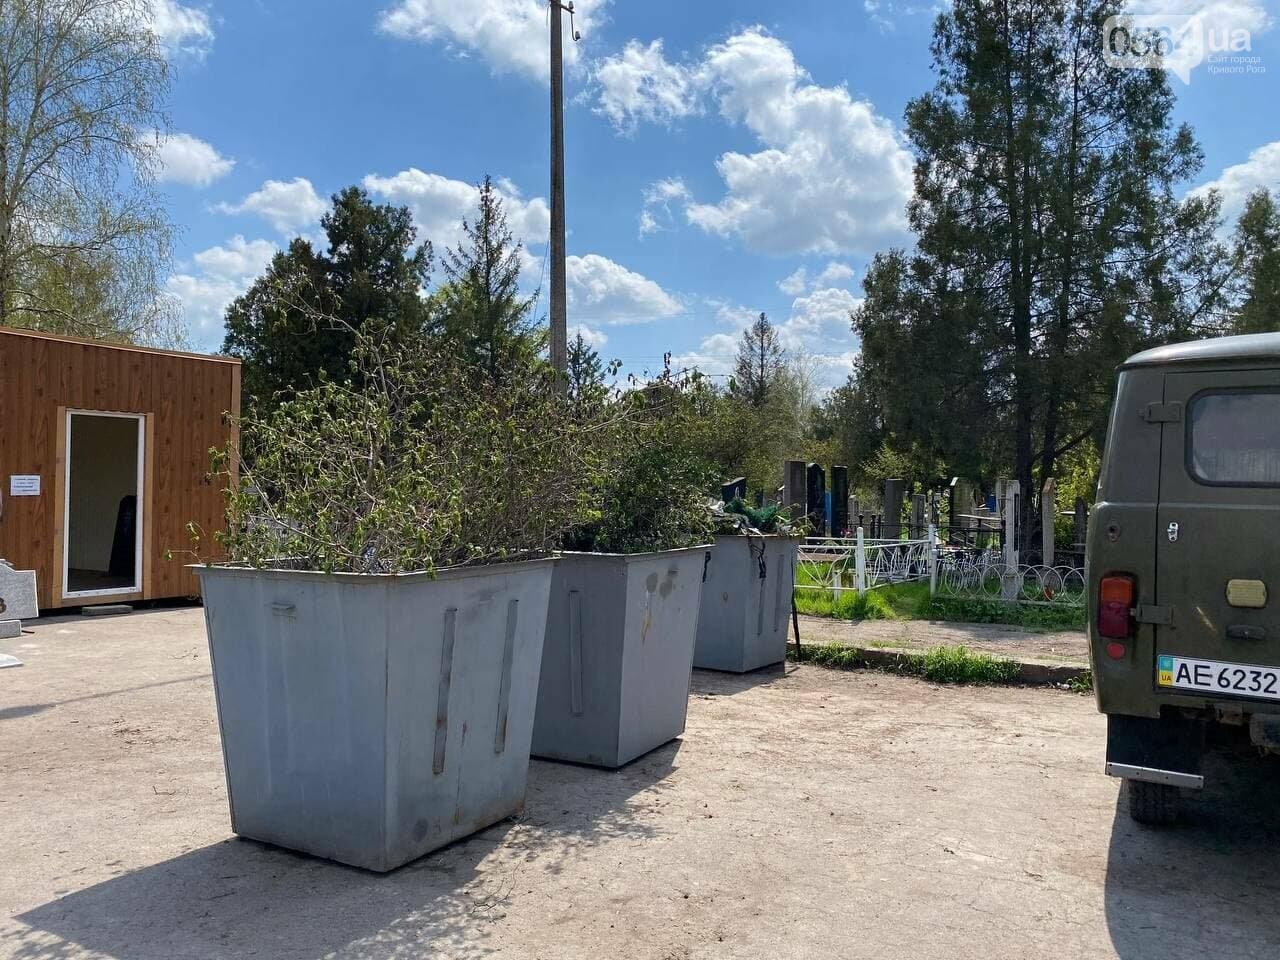 На криворожских кладбищах накануне поминальных дней в усиленном режиме работает спецтехника, - ФОТО, ВИДЕО , фото-31